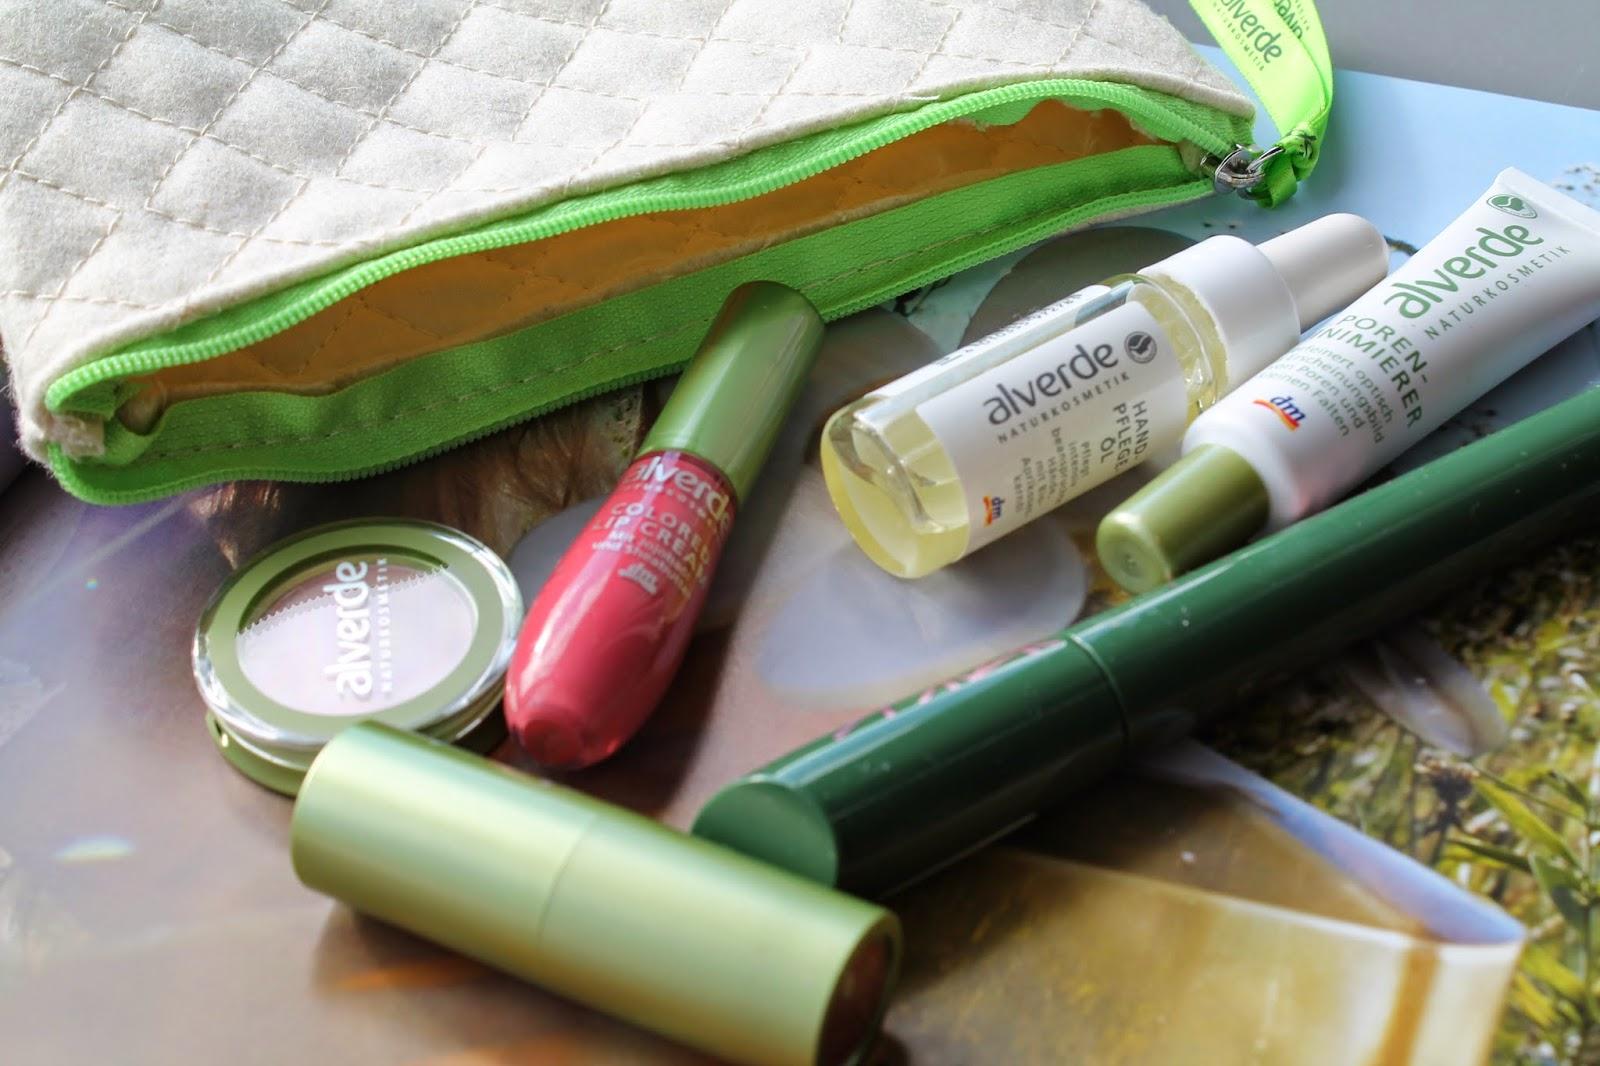 alverde Neuheiten / DM / Beauty / Blogger / Austrian Blogger / German Blogger / Lidschatten / Color Lip Cream / Hand Pflege Öl / Poren Minimierer / Mascara/